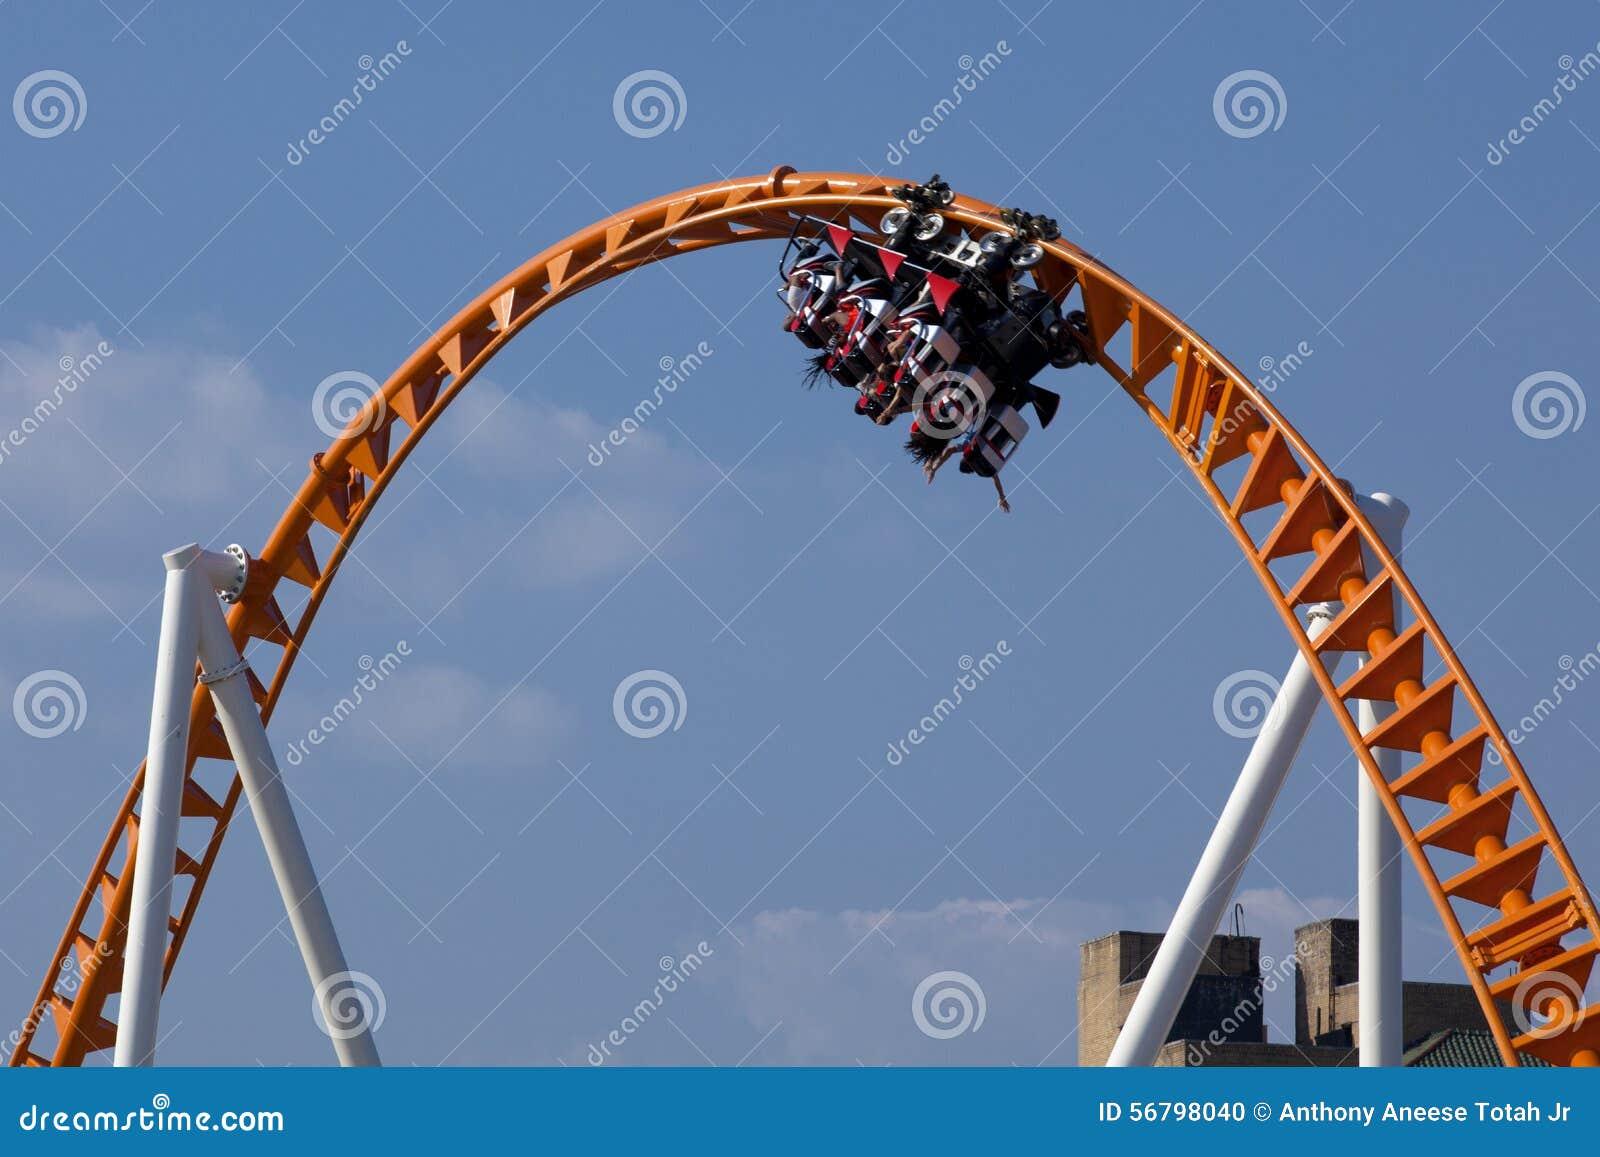 Inverted Modern Roller Coaster